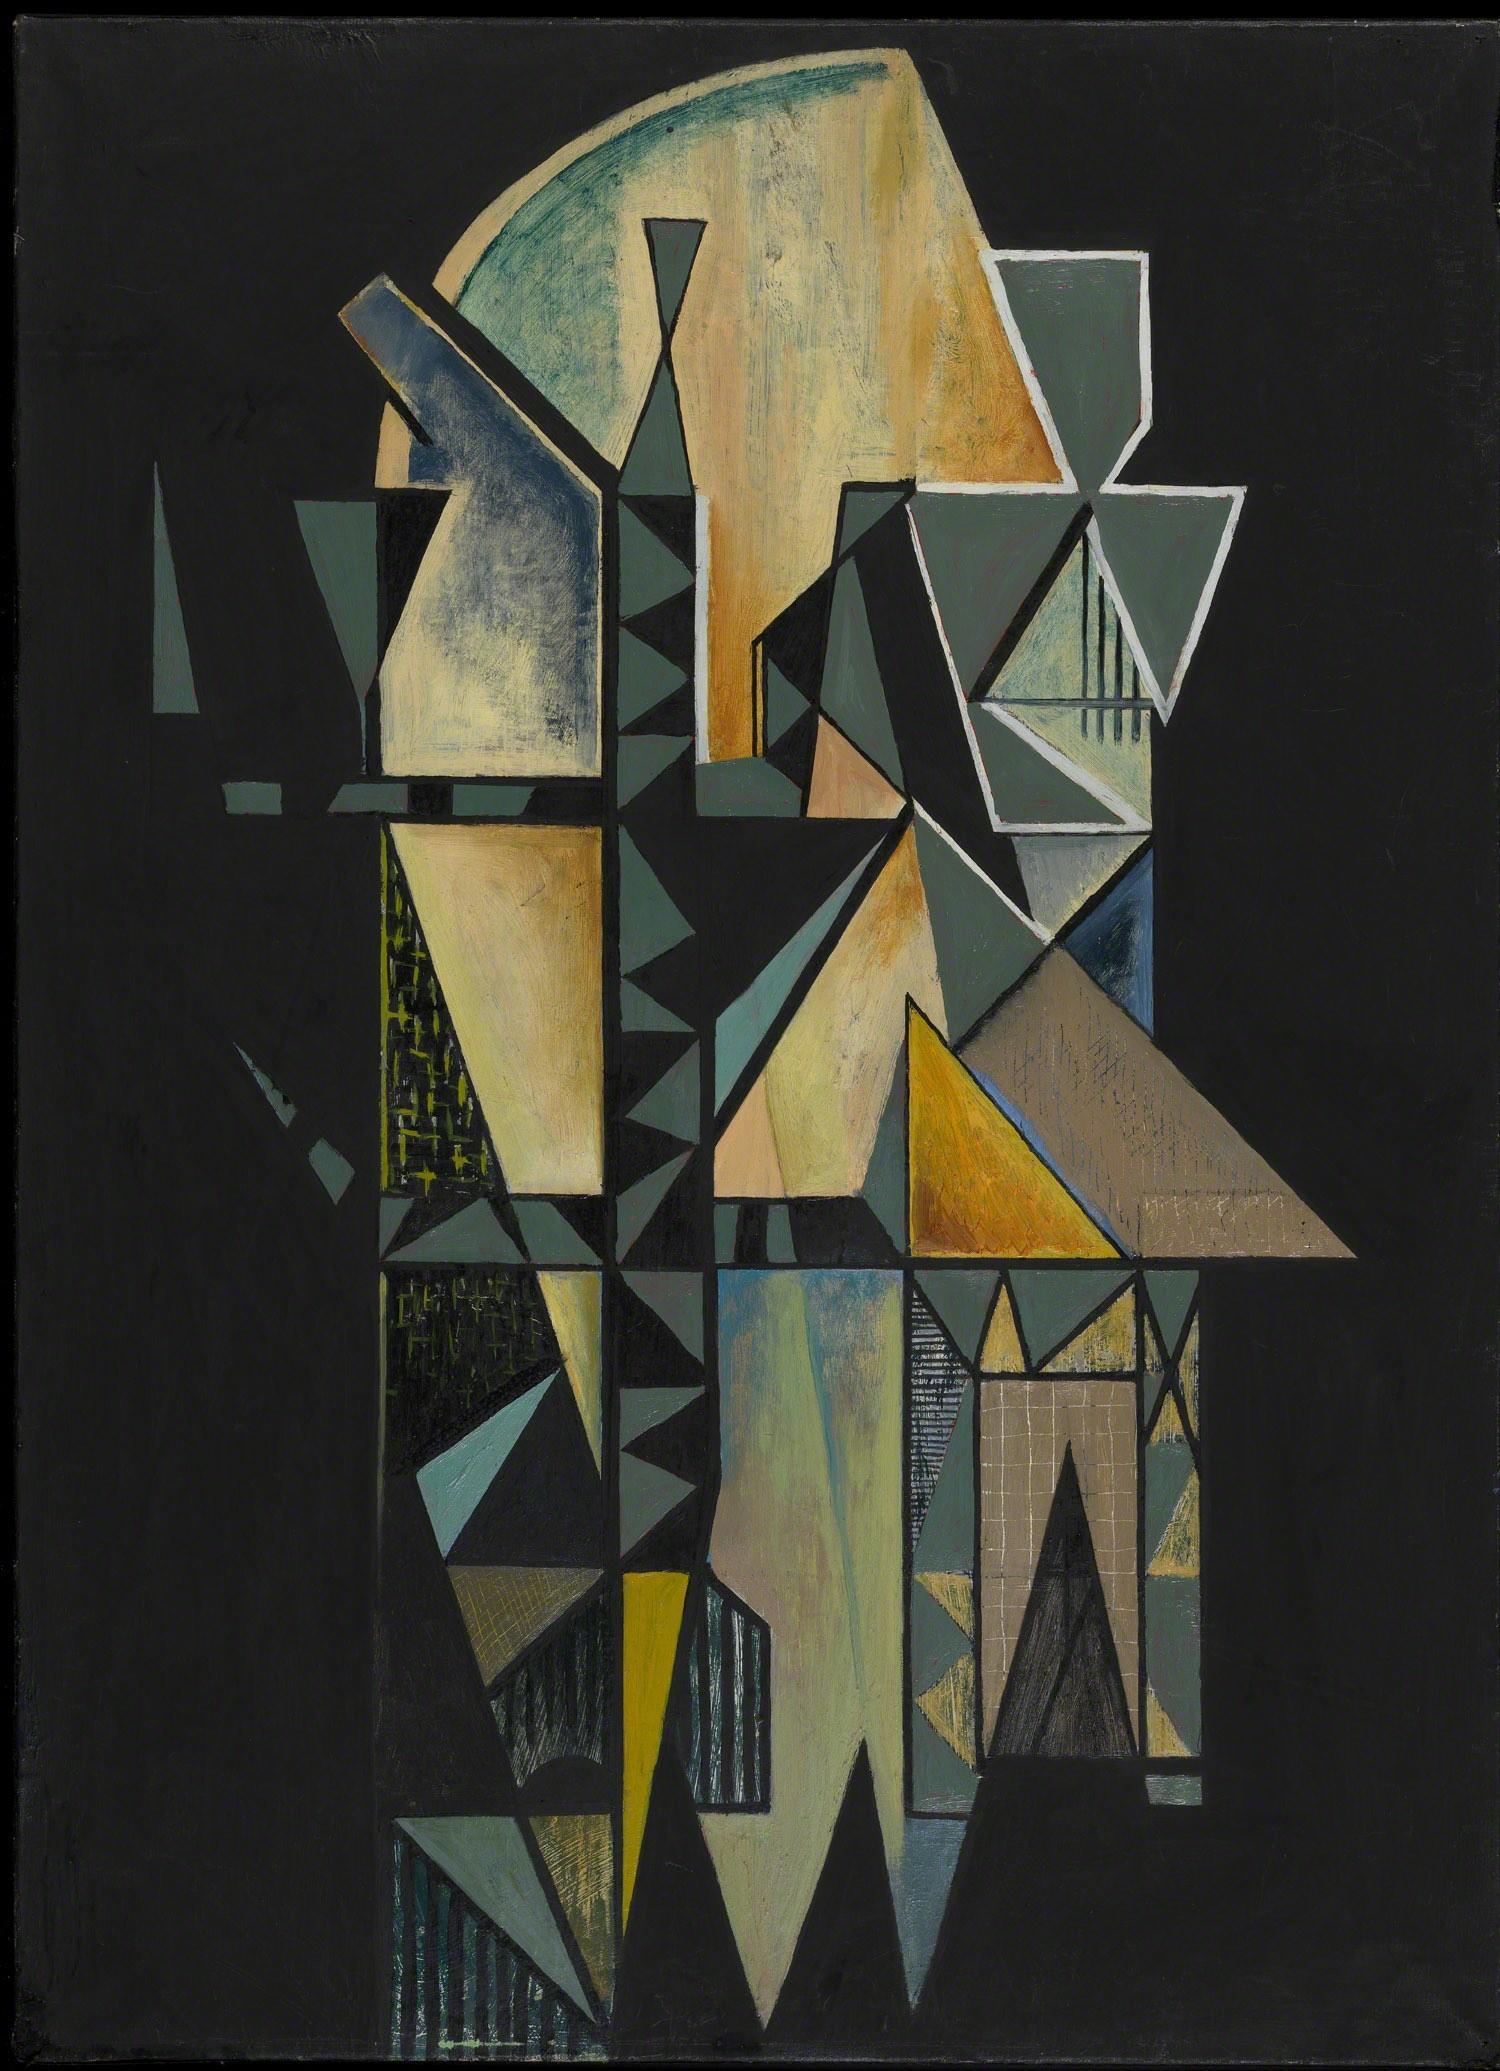 , 'Polyèdres fracturés,' 1935, Waterhouse & Dodd